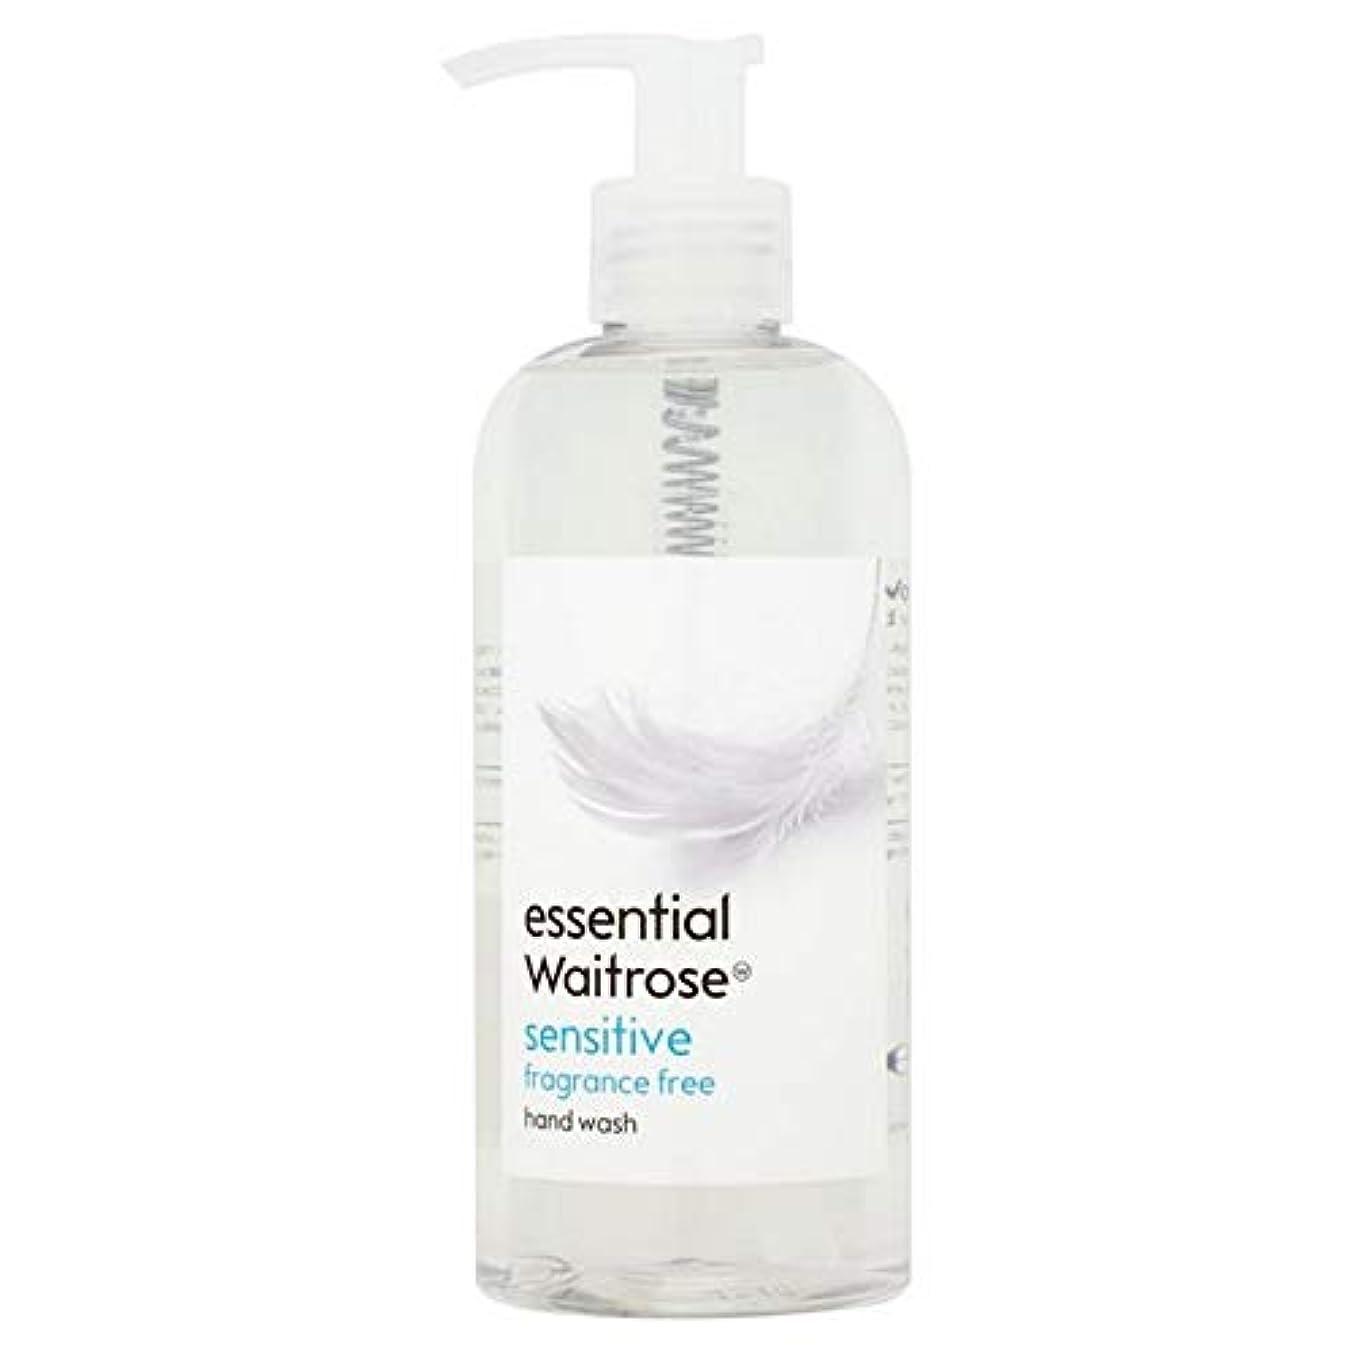 アンタゴニストゆりかご着る[Waitrose ] 基本的なウェイトローズのハンドウォッシュ敏感な300ミリリットル - Essential Waitrose Hand Wash Sensitive 300ml [並行輸入品]